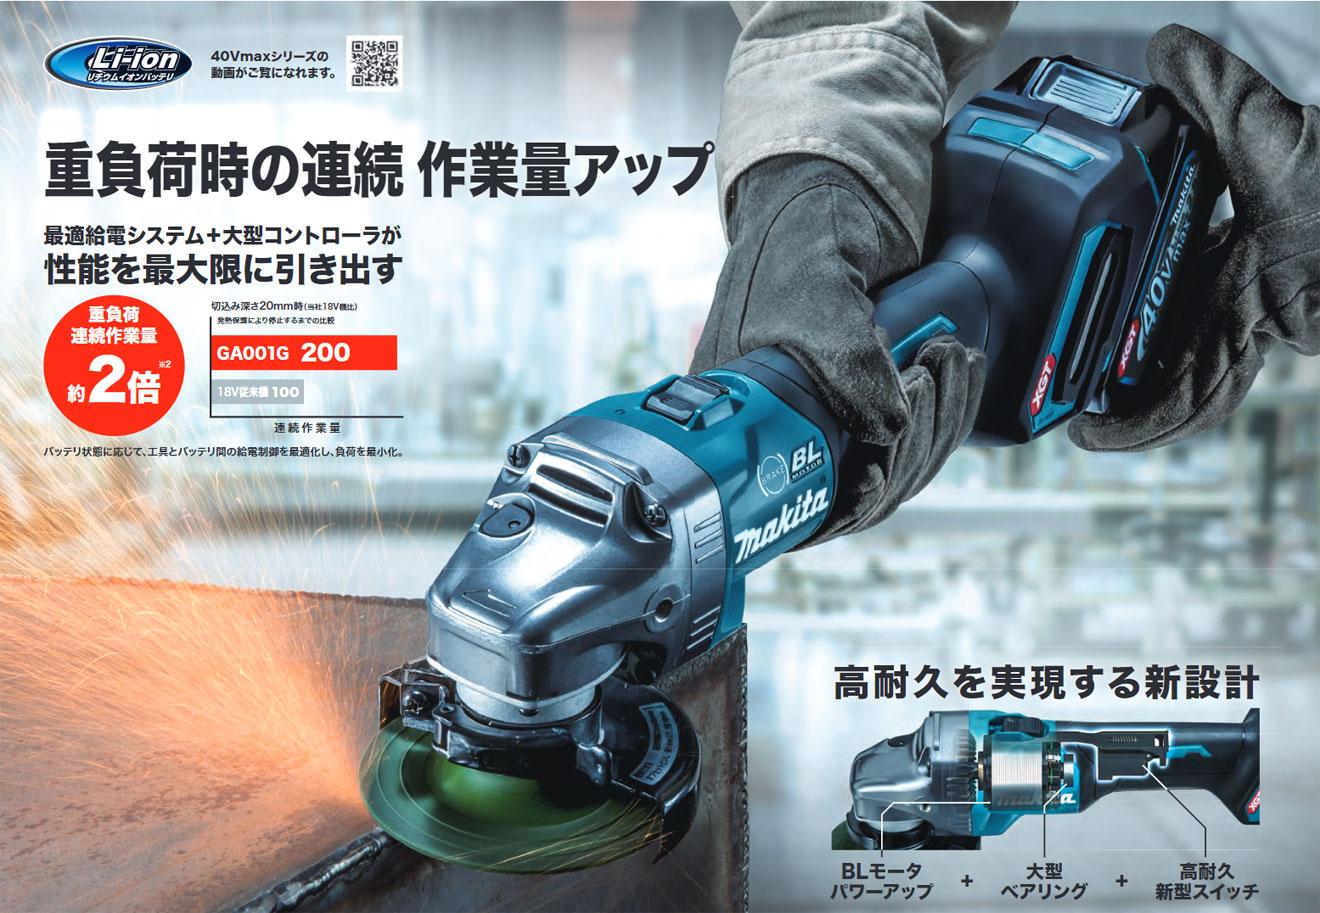 マキタ 100mm 40V 充電式ディスクグラインダ スライドスイッチ【近日発売予定】 GA001G3